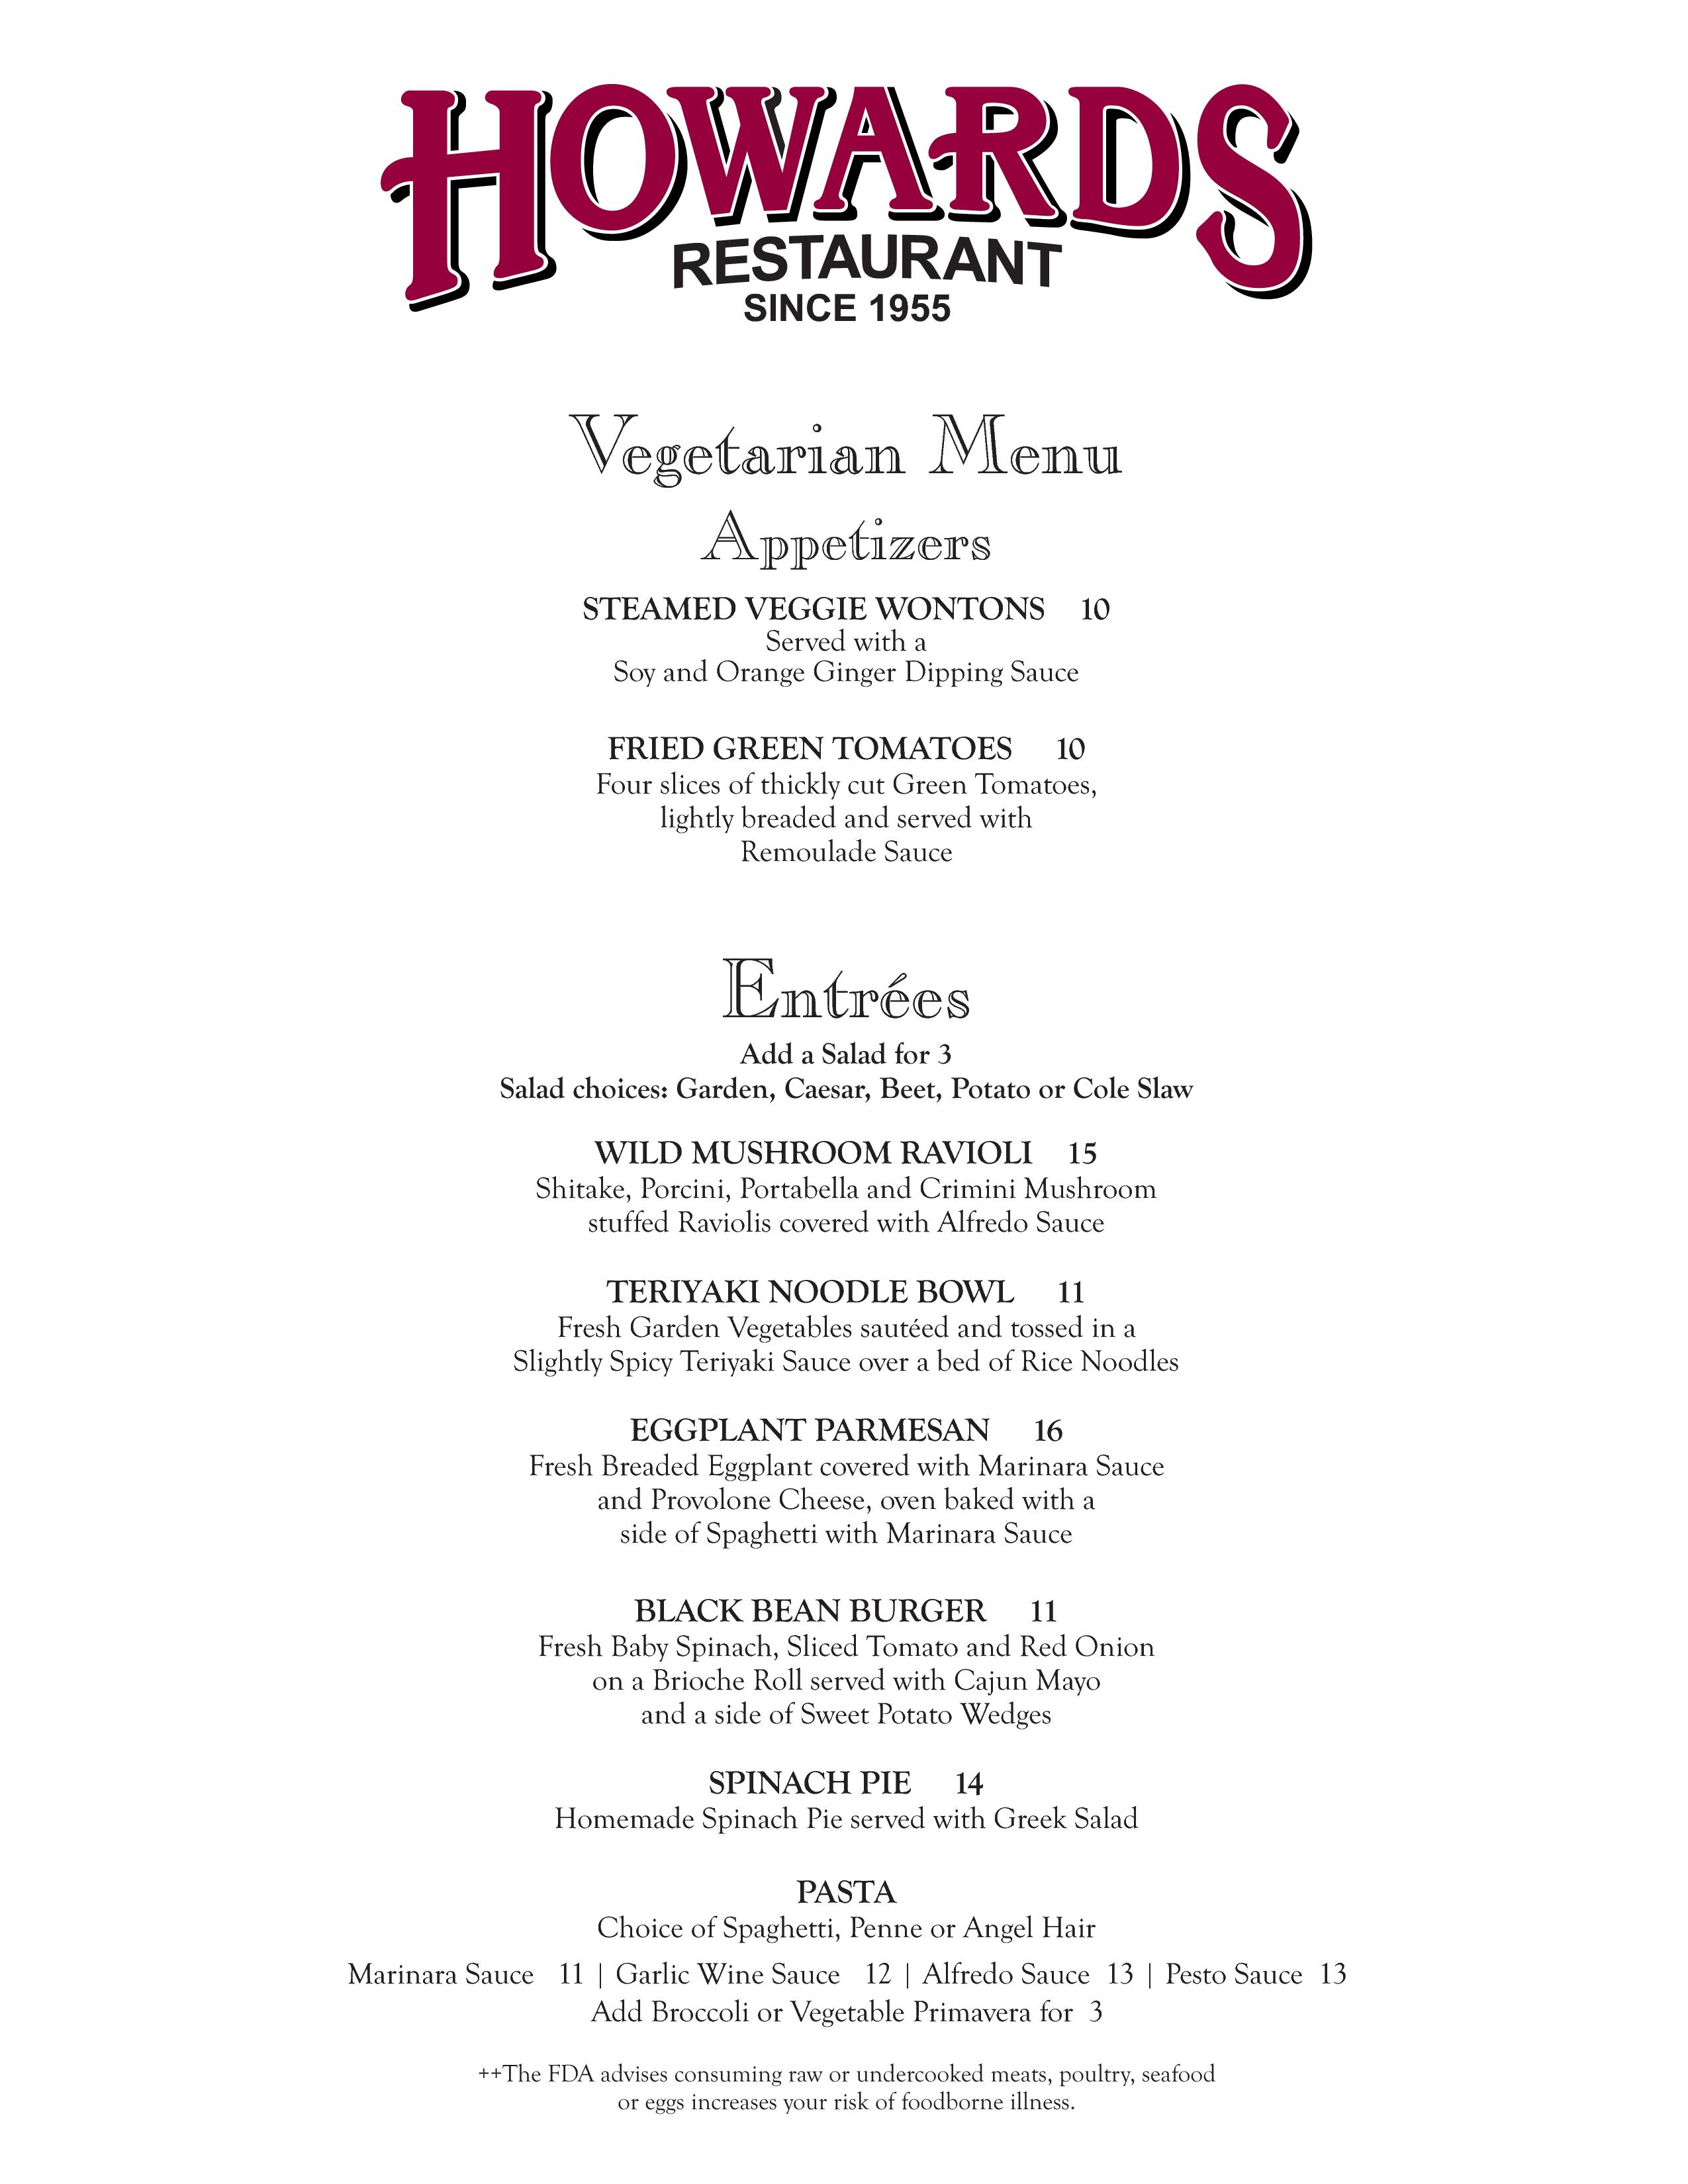 Howards Veg menu 2017-1.jpg